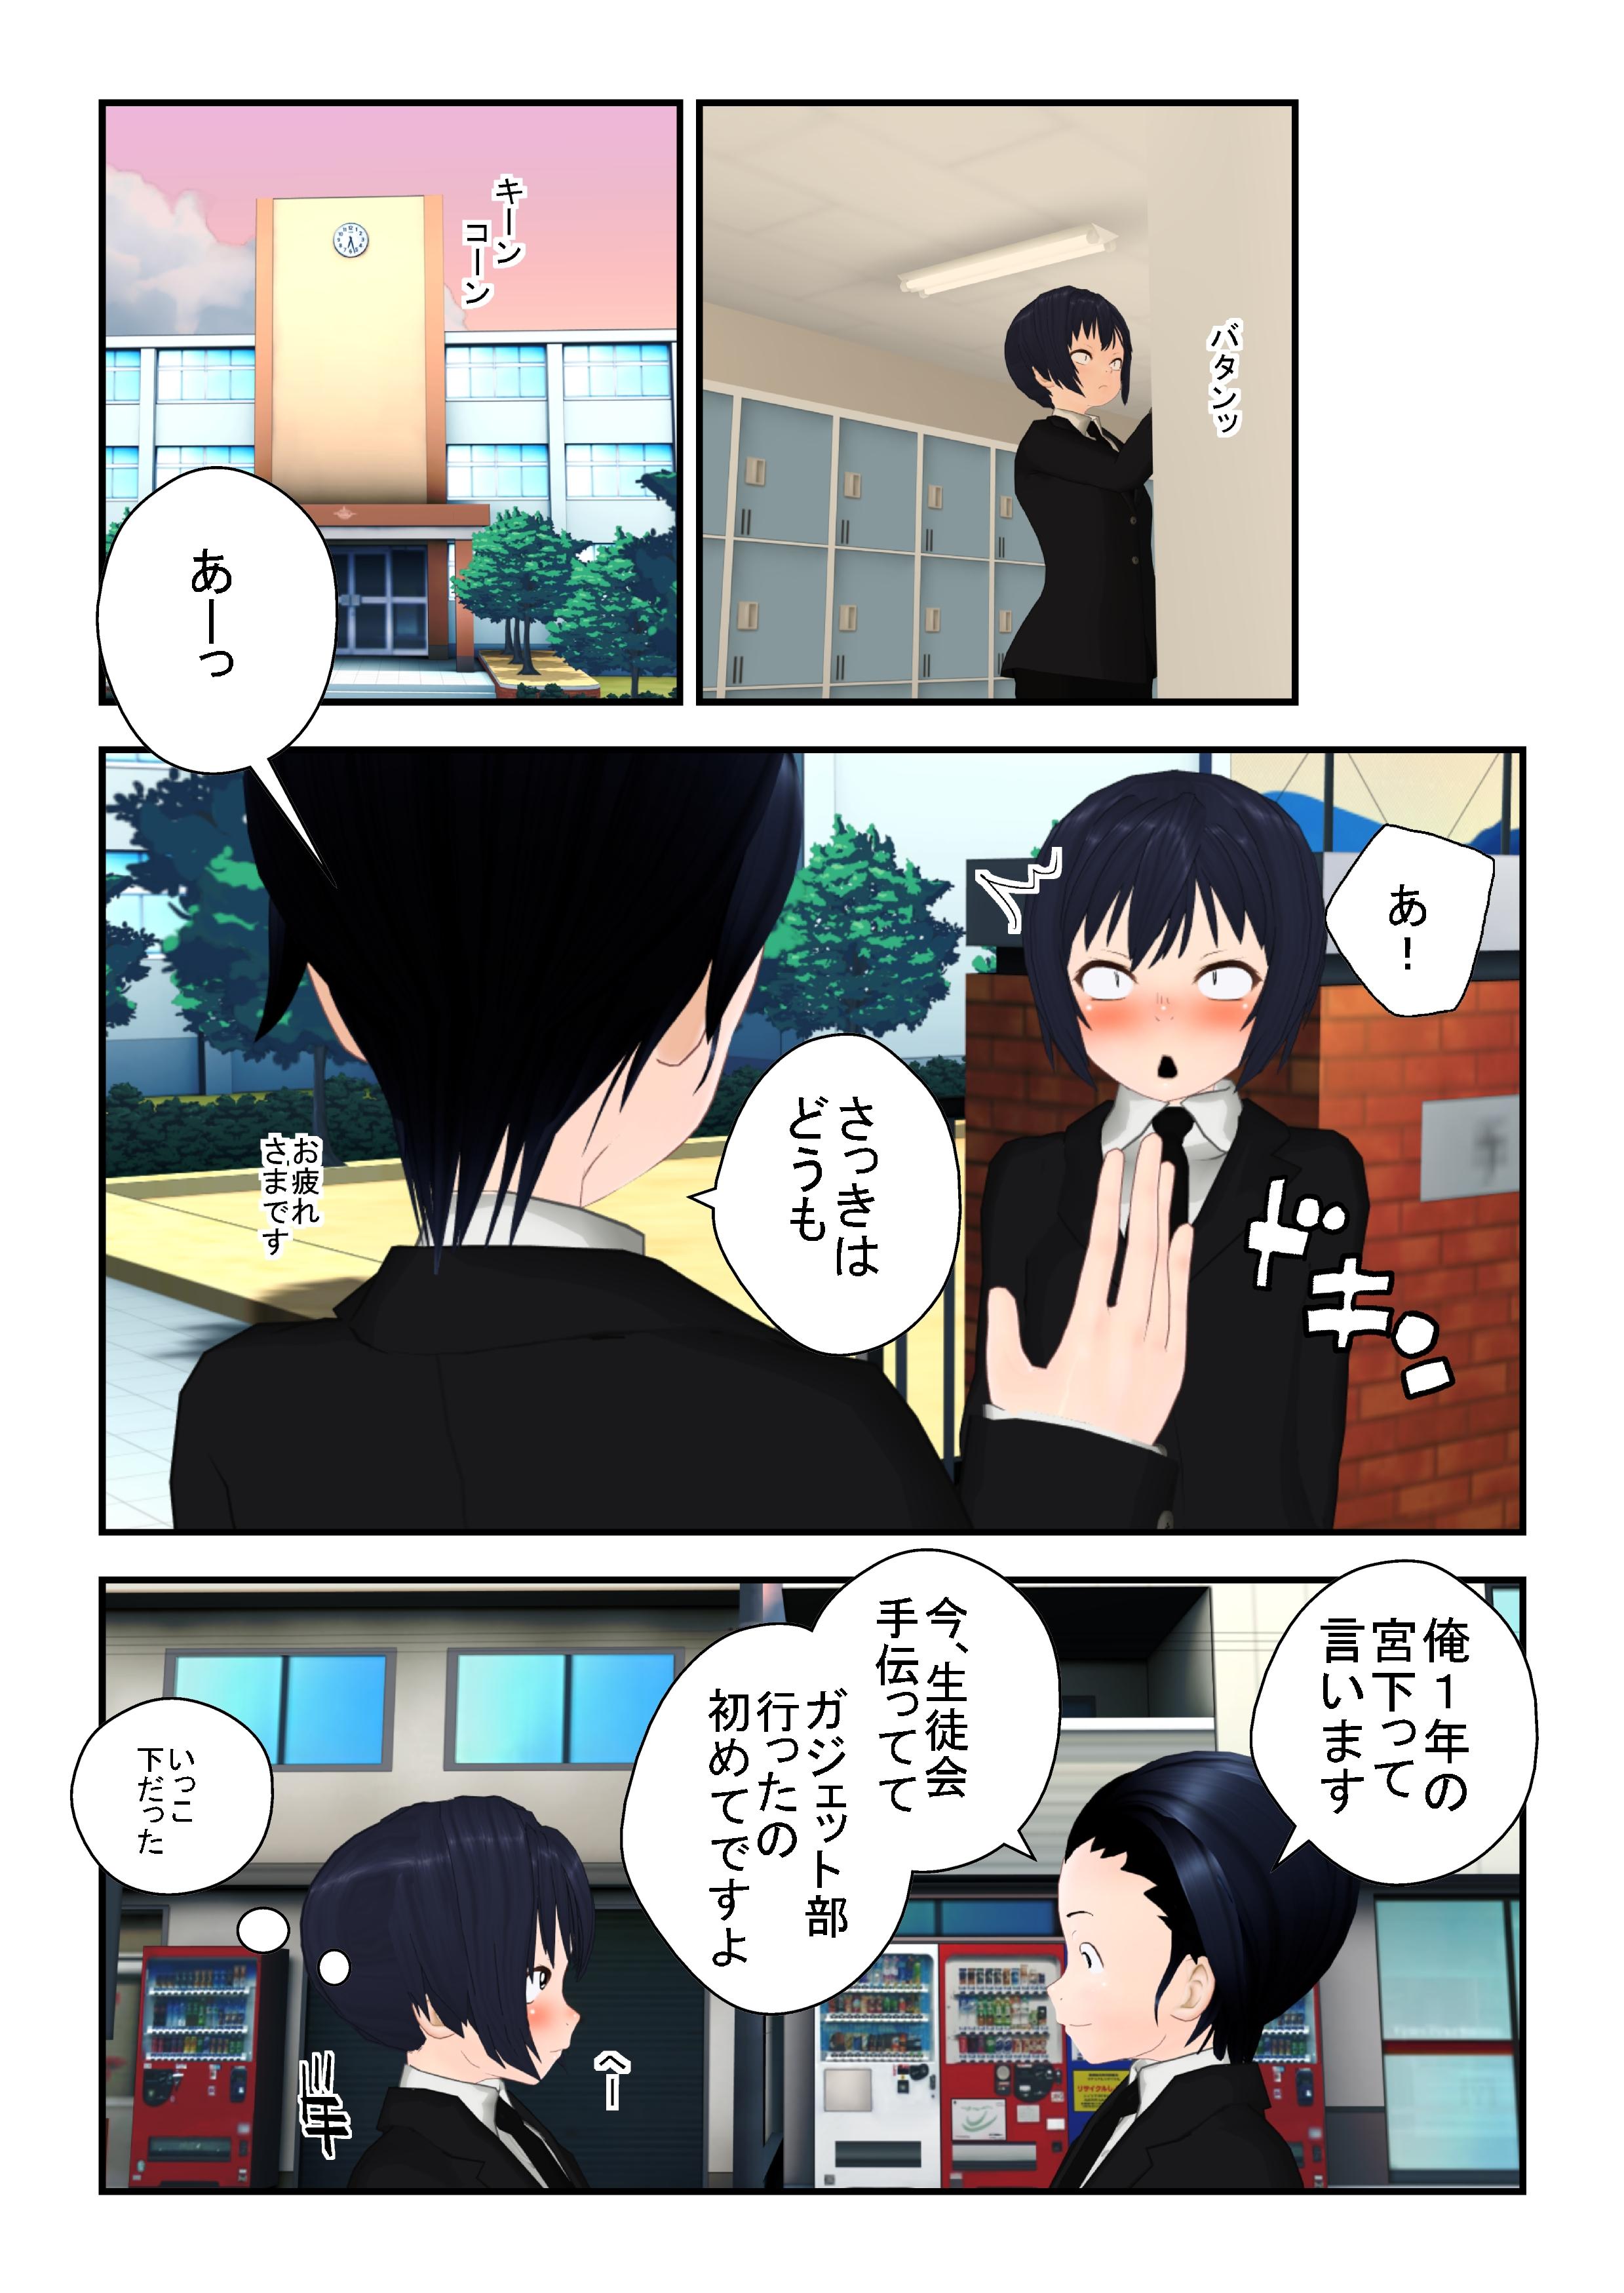 kimochi_0008.jpg